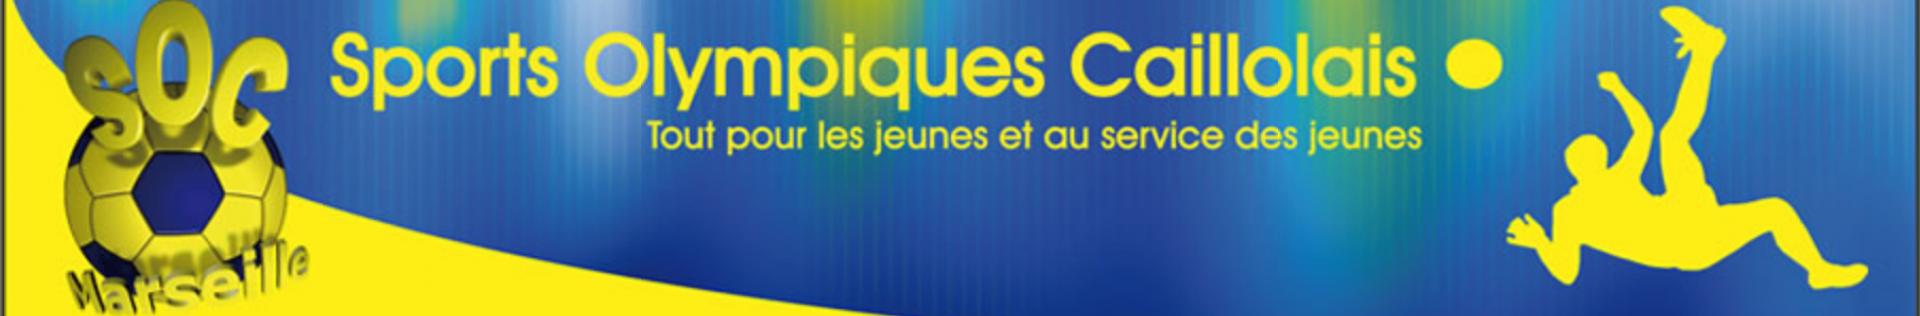 SO Caillolais